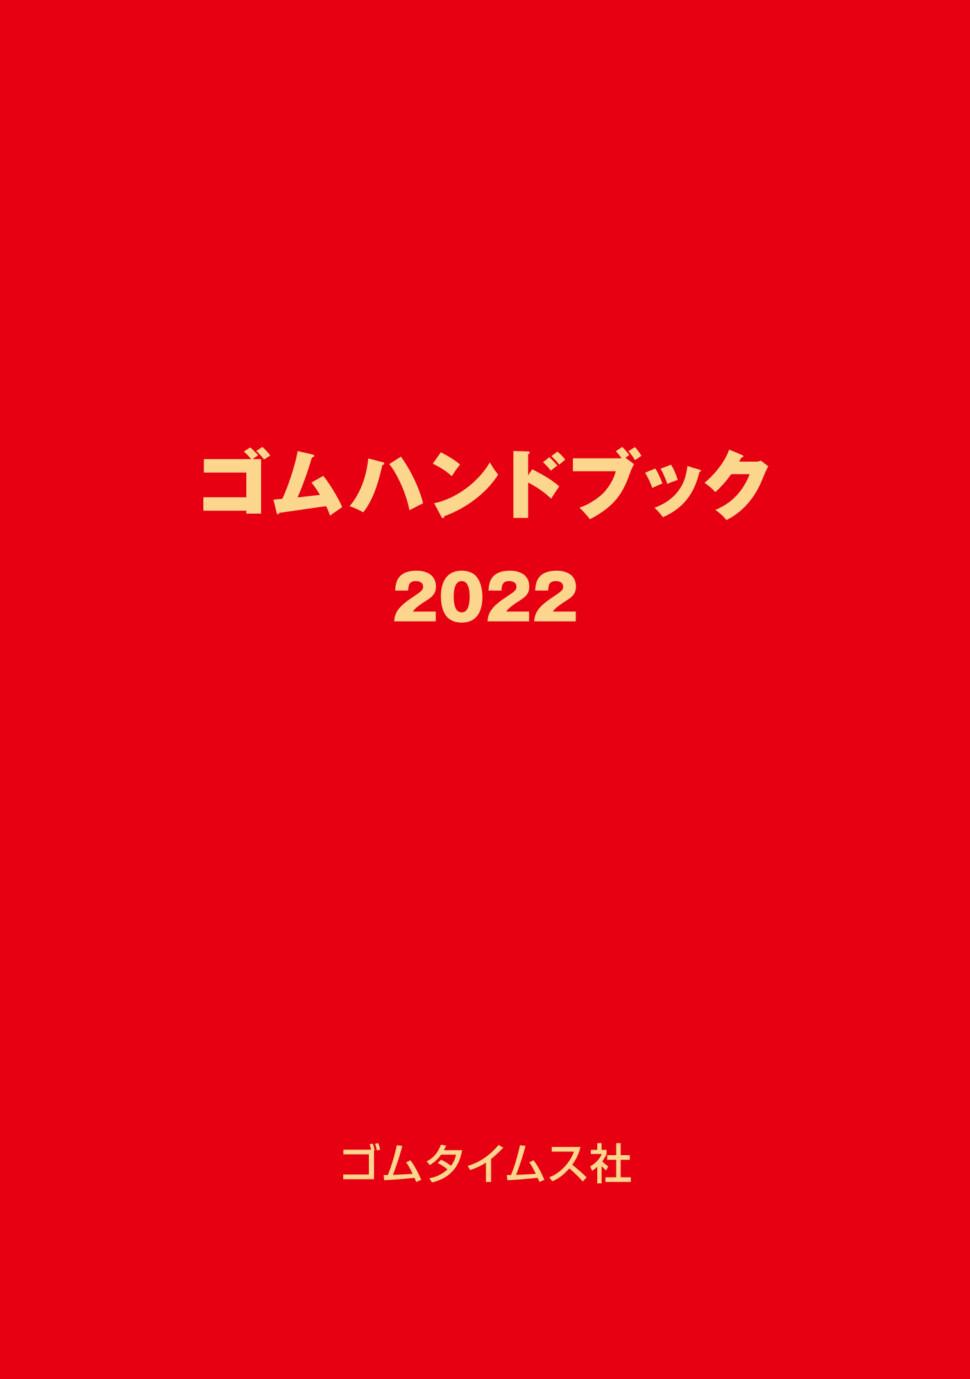 ゴムハンドブック2022